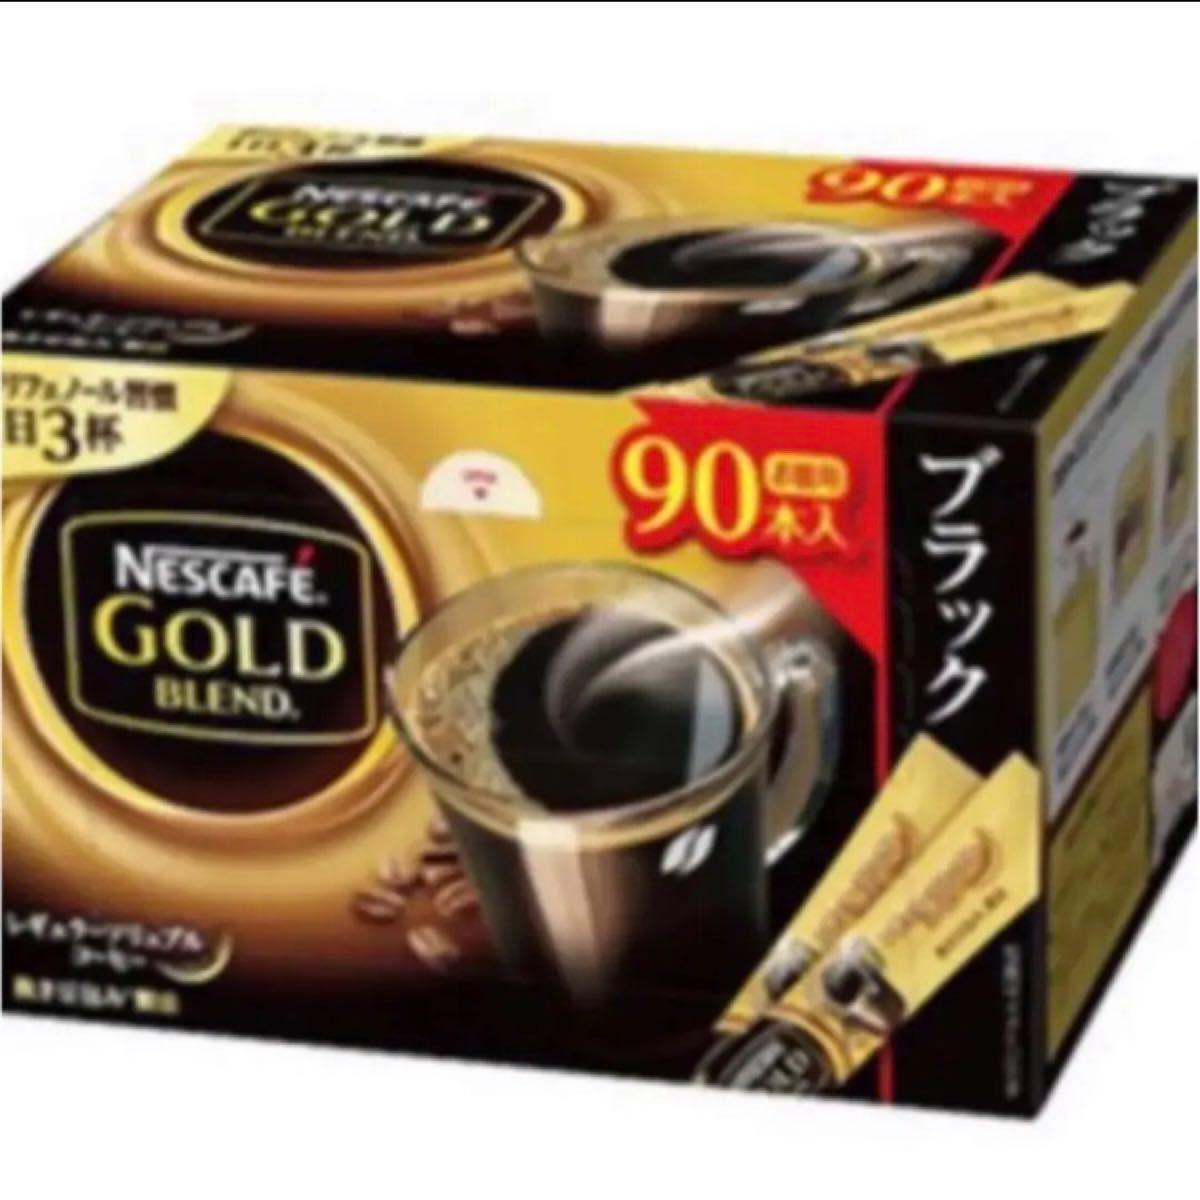 ネスカフェ ゴールドブレンドスティック 1箱(2g×90本)